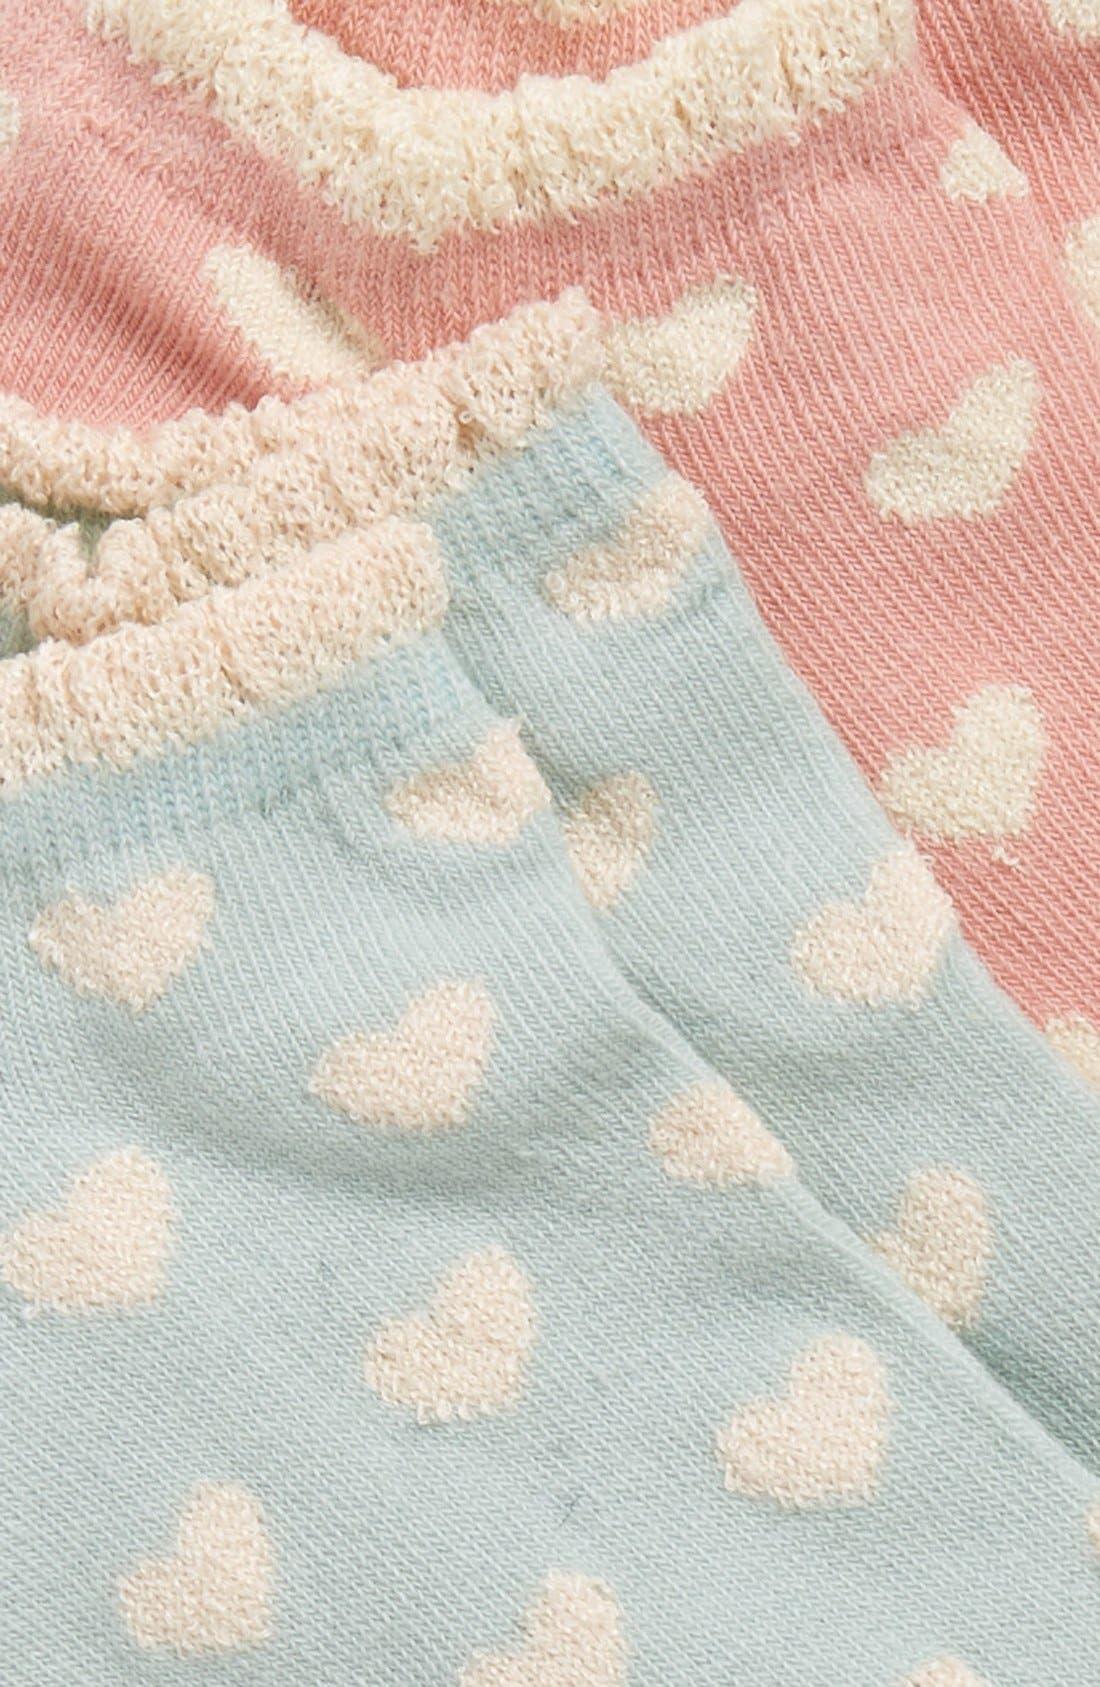 Alternate Image 2  - Girly Heart Print Ankle Socks (2-Pack)